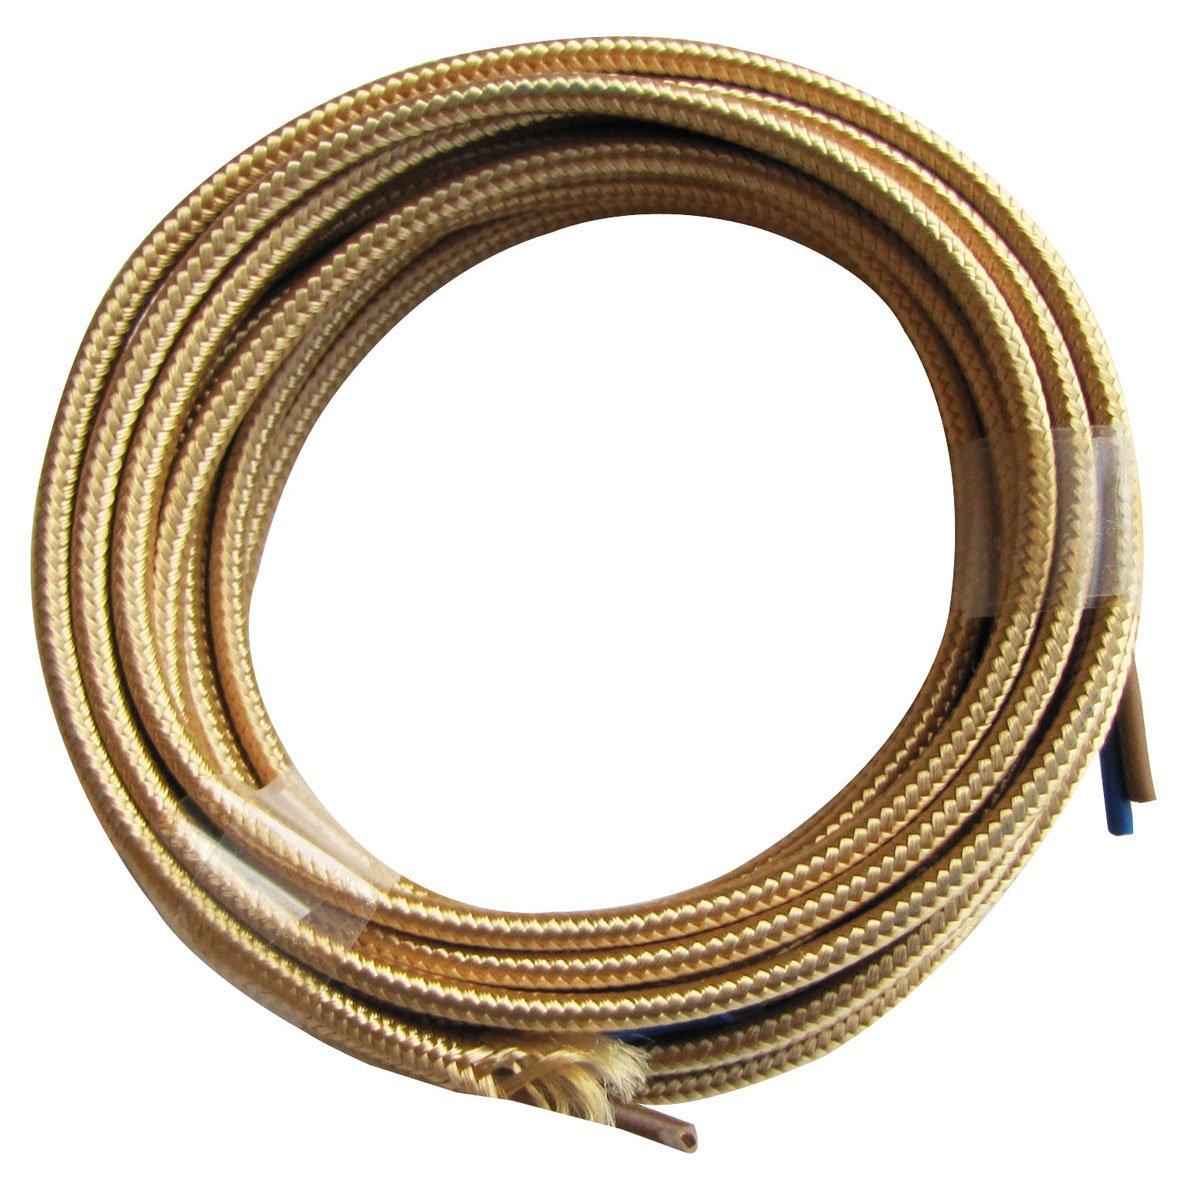 Tibelec 075230 - Cable elé ctrico textil plano 3 V 3 m color dorado